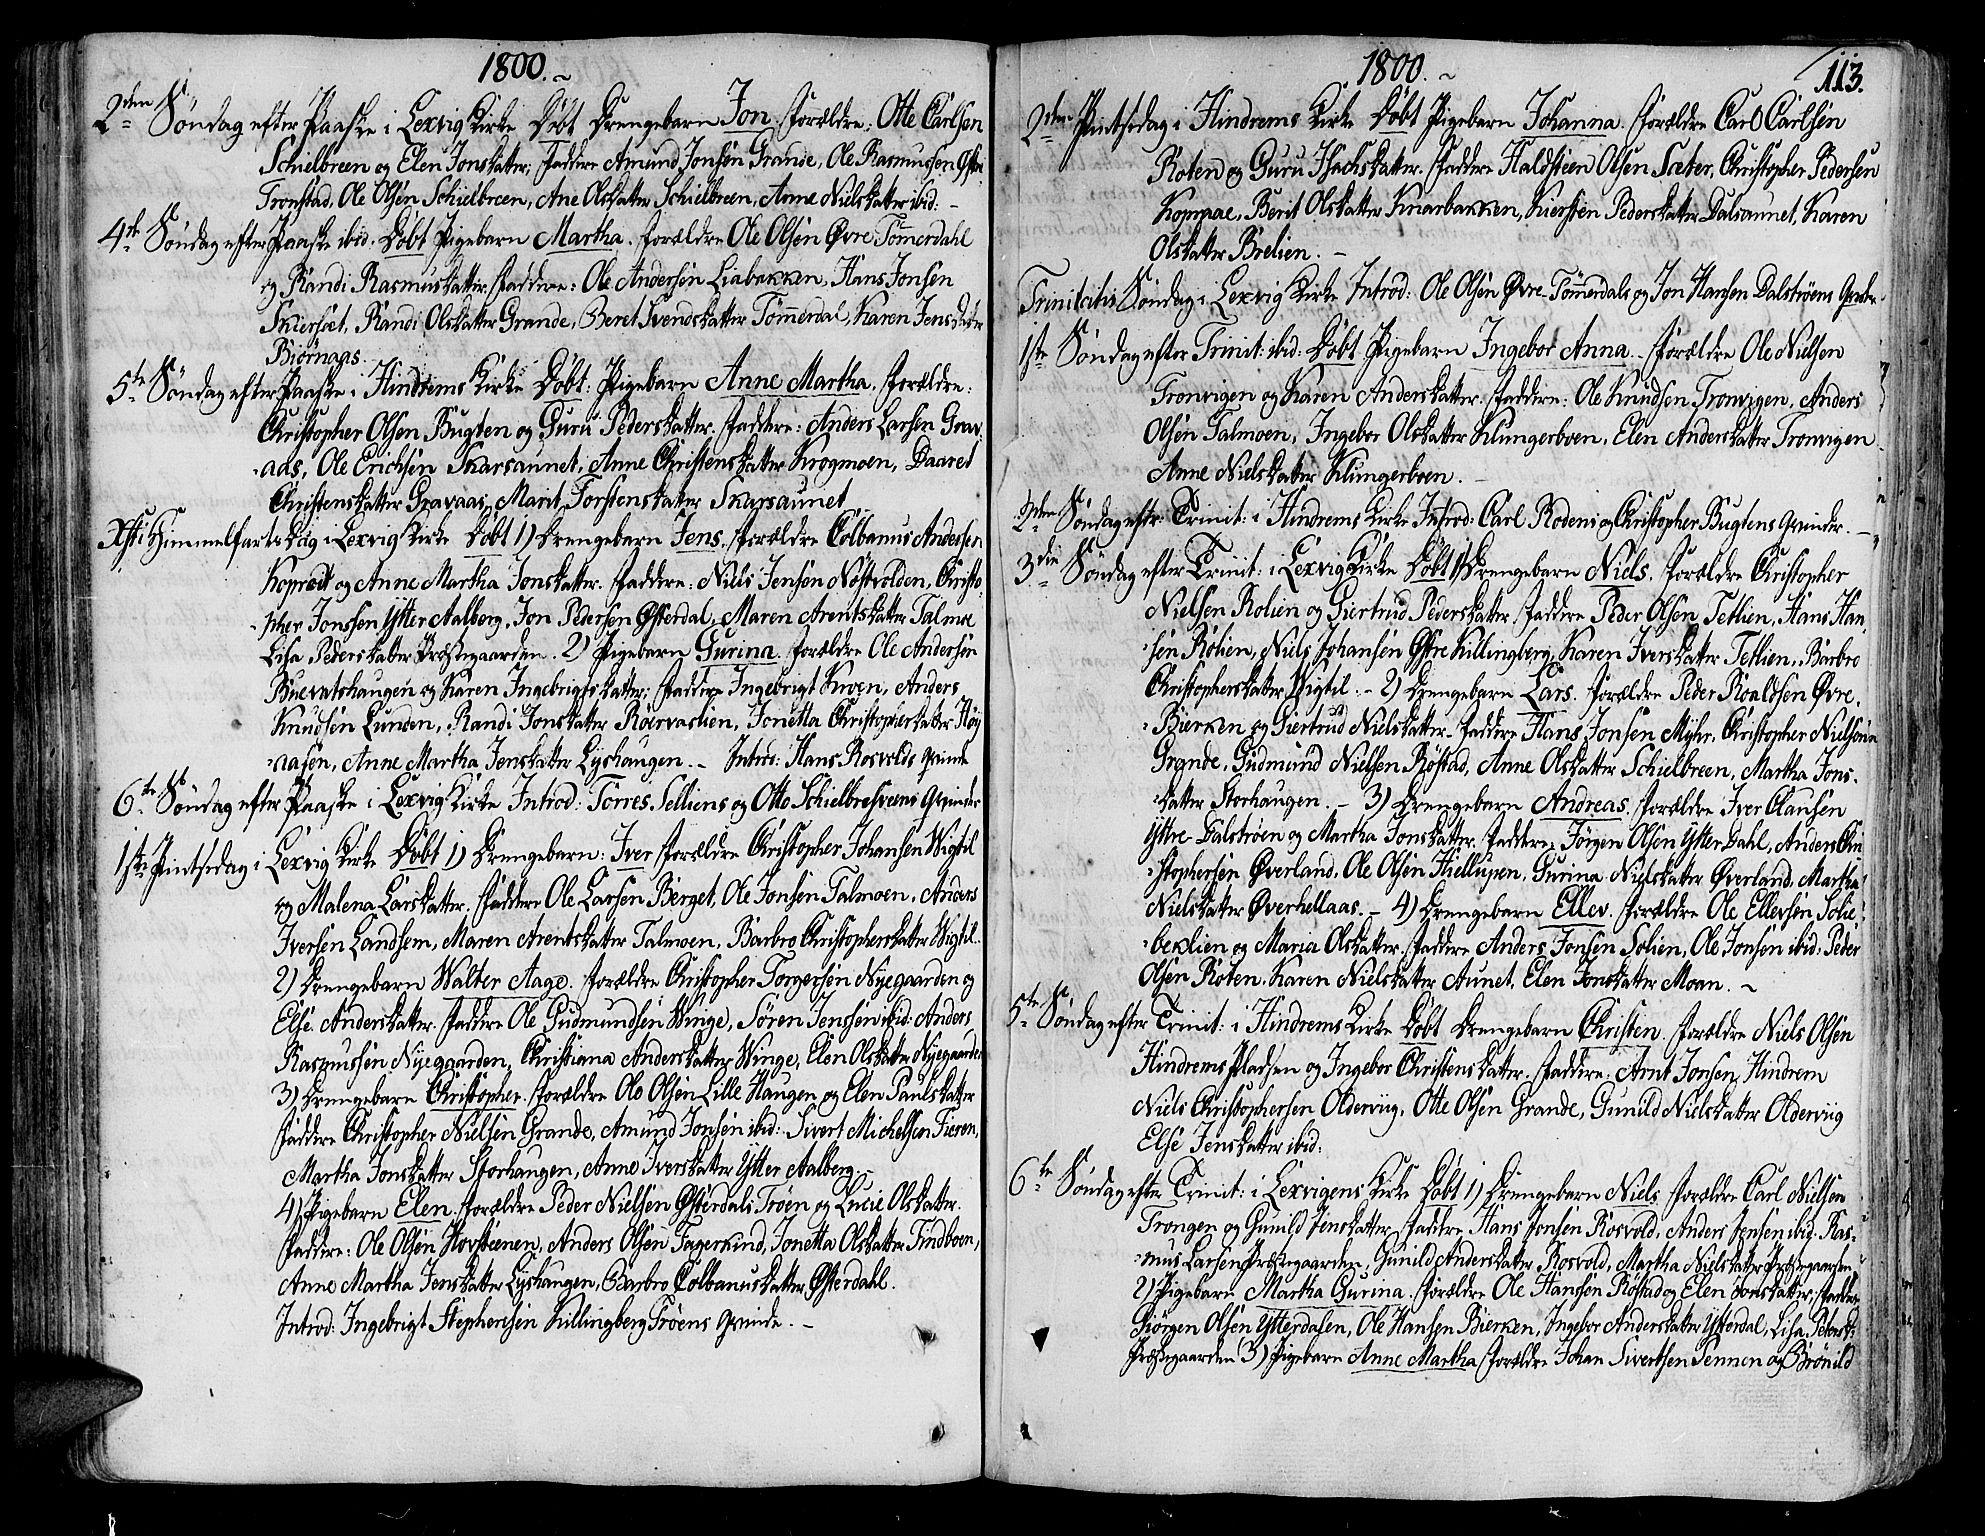 SAT, Ministerialprotokoller, klokkerbøker og fødselsregistre - Nord-Trøndelag, 701/L0004: Ministerialbok nr. 701A04, 1783-1816, s. 113